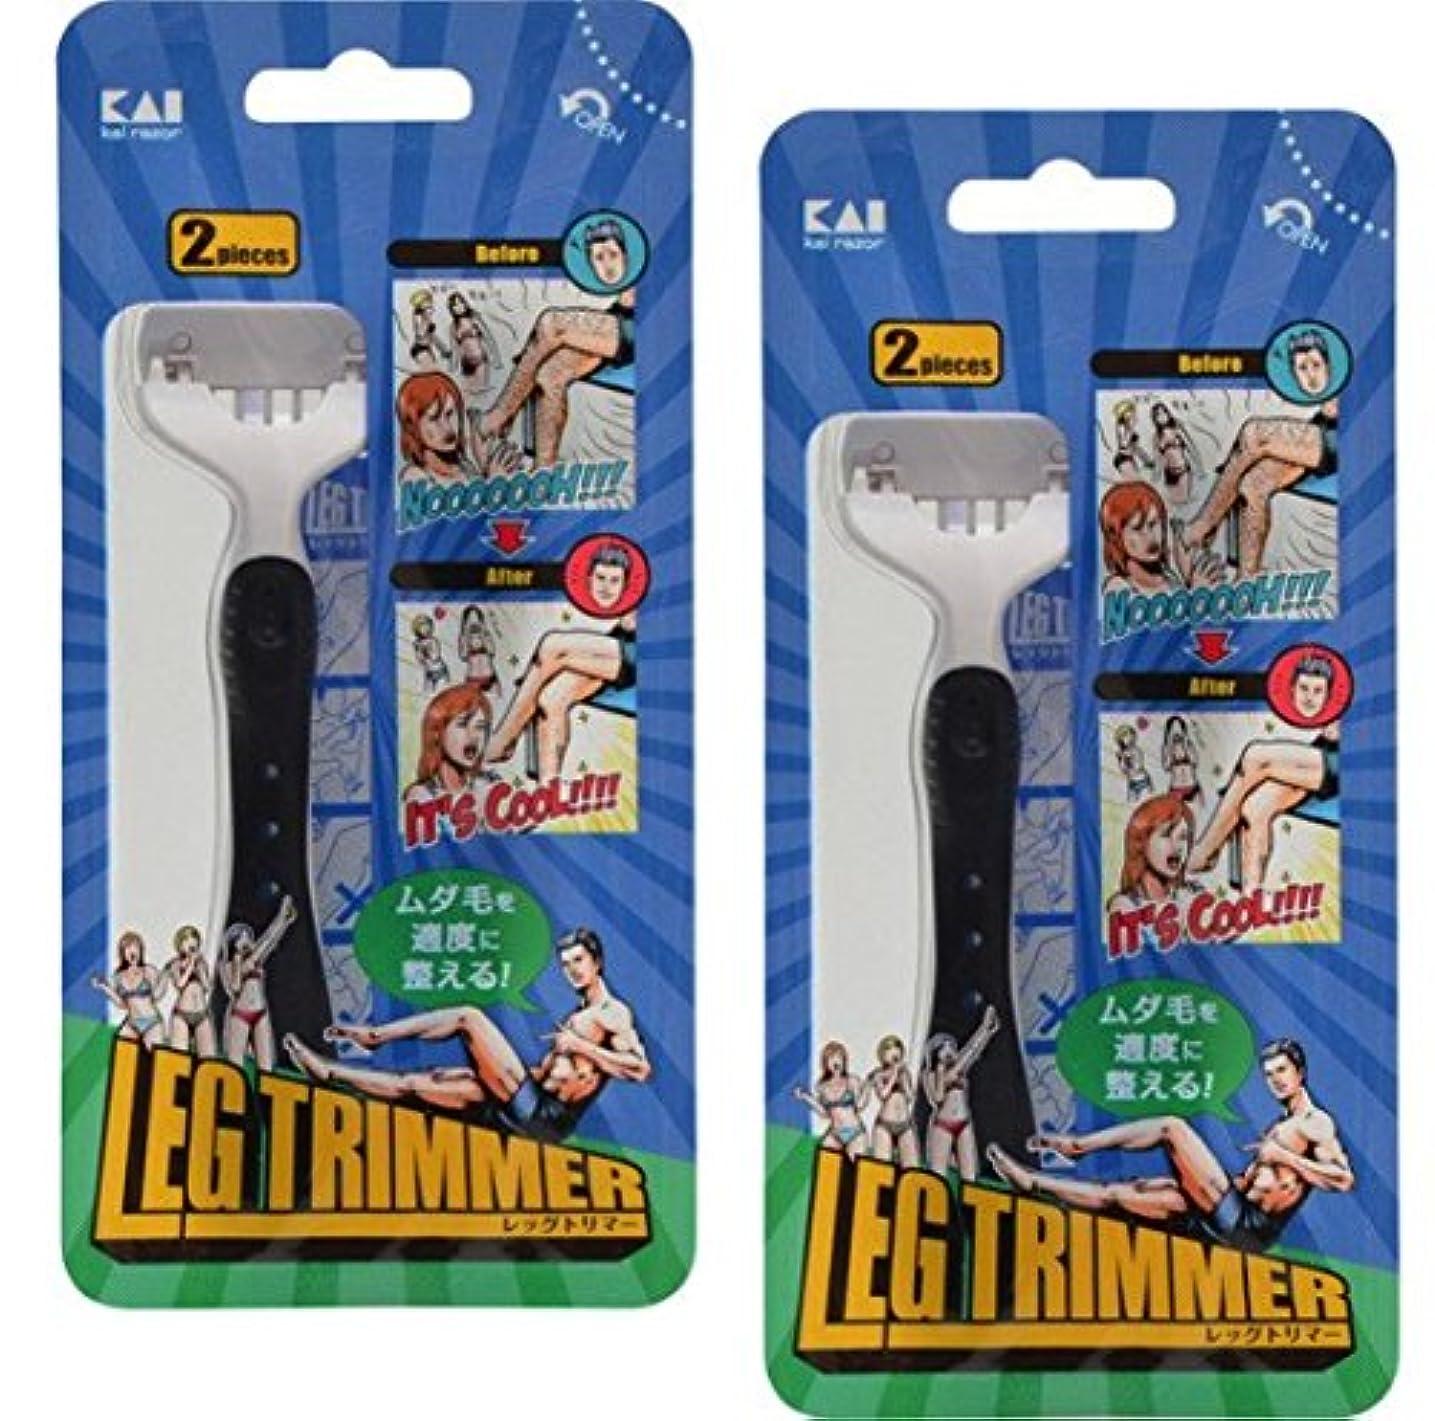 スチュアート島擁するライターLEG TRIMMER レッグトリマー (むだ毛を適度に整えるカミソリ)2本入 2セット